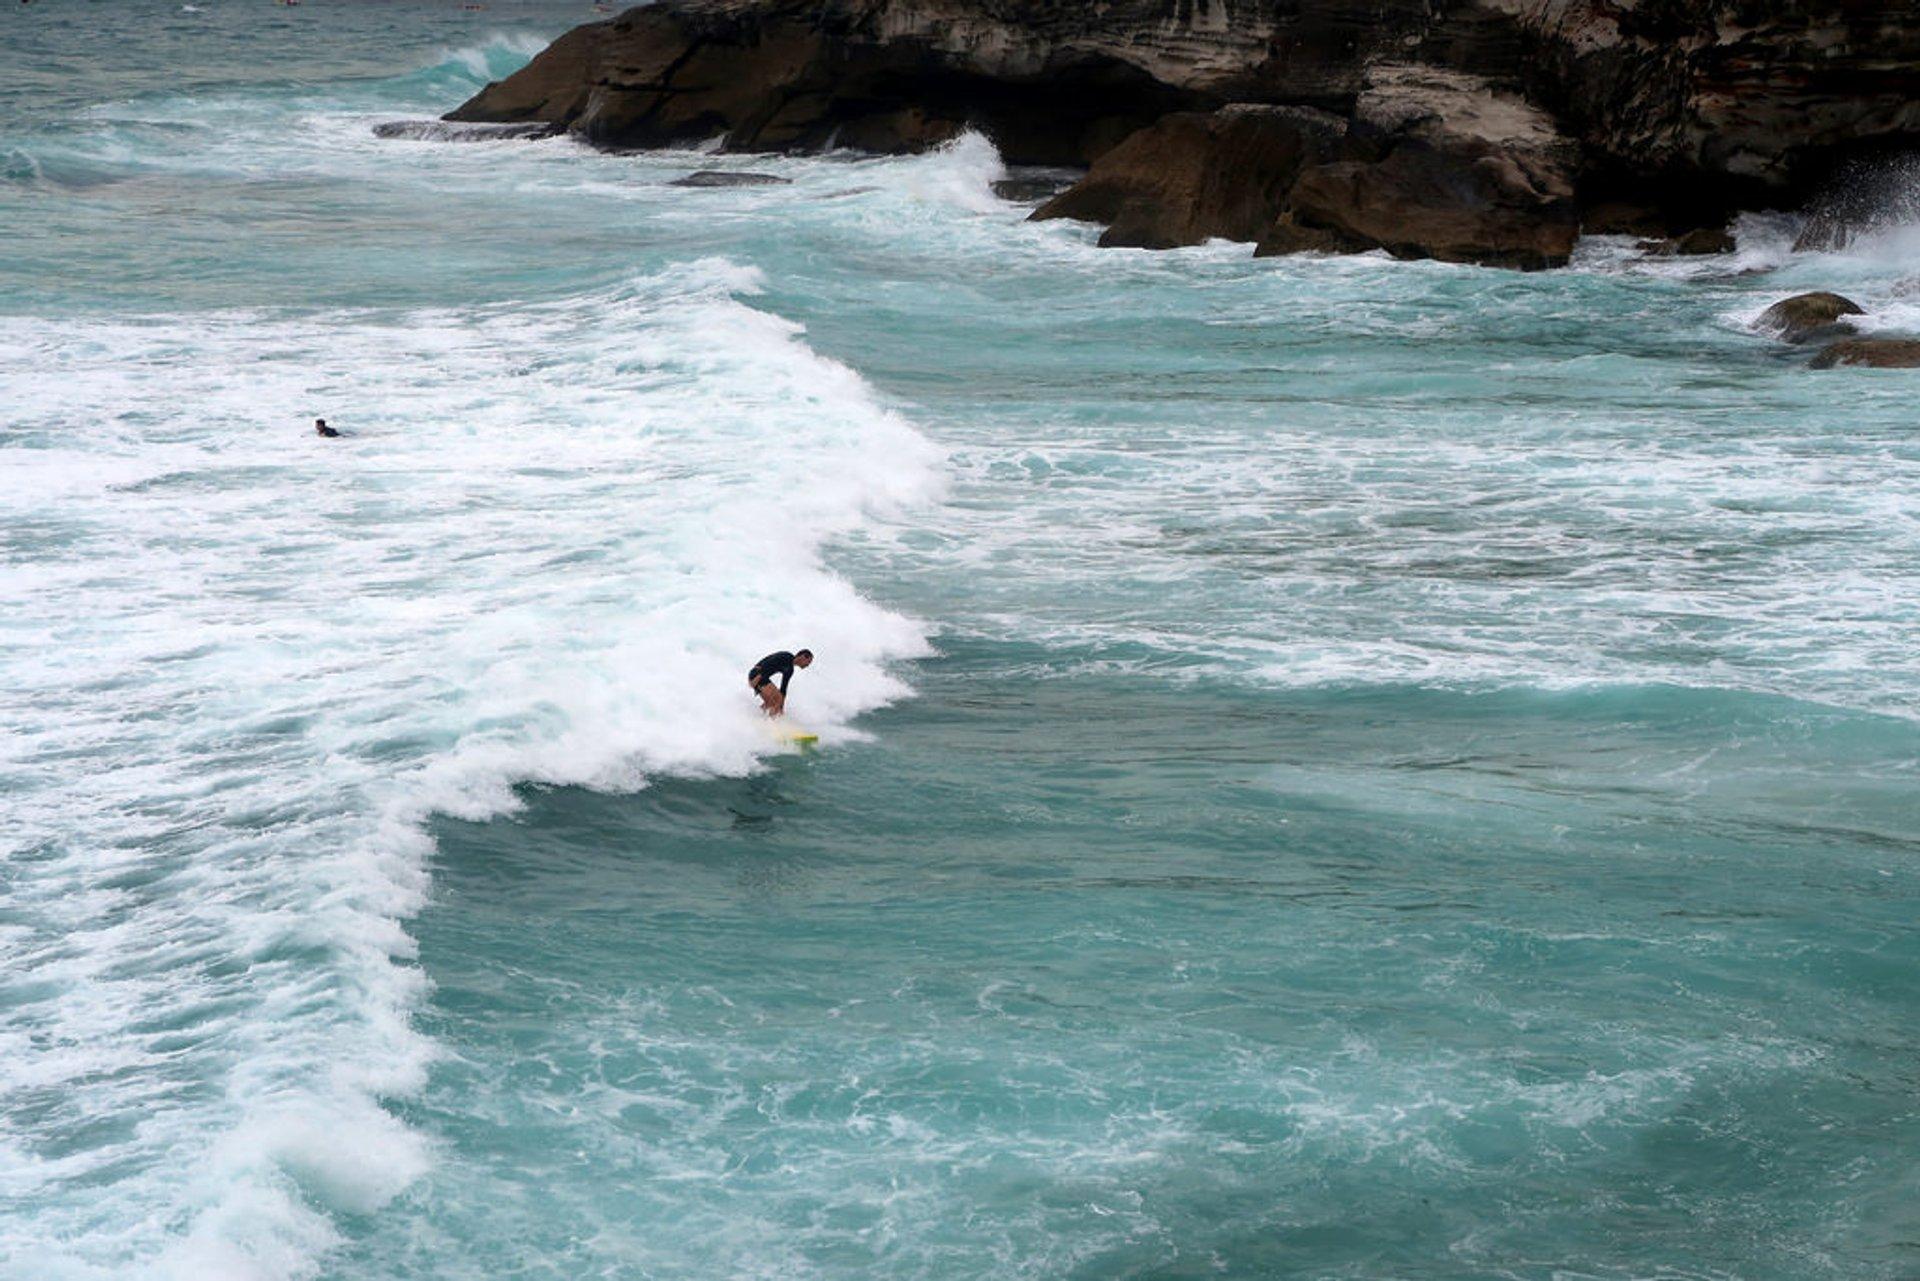 Surfing near Bronte Beach 2020